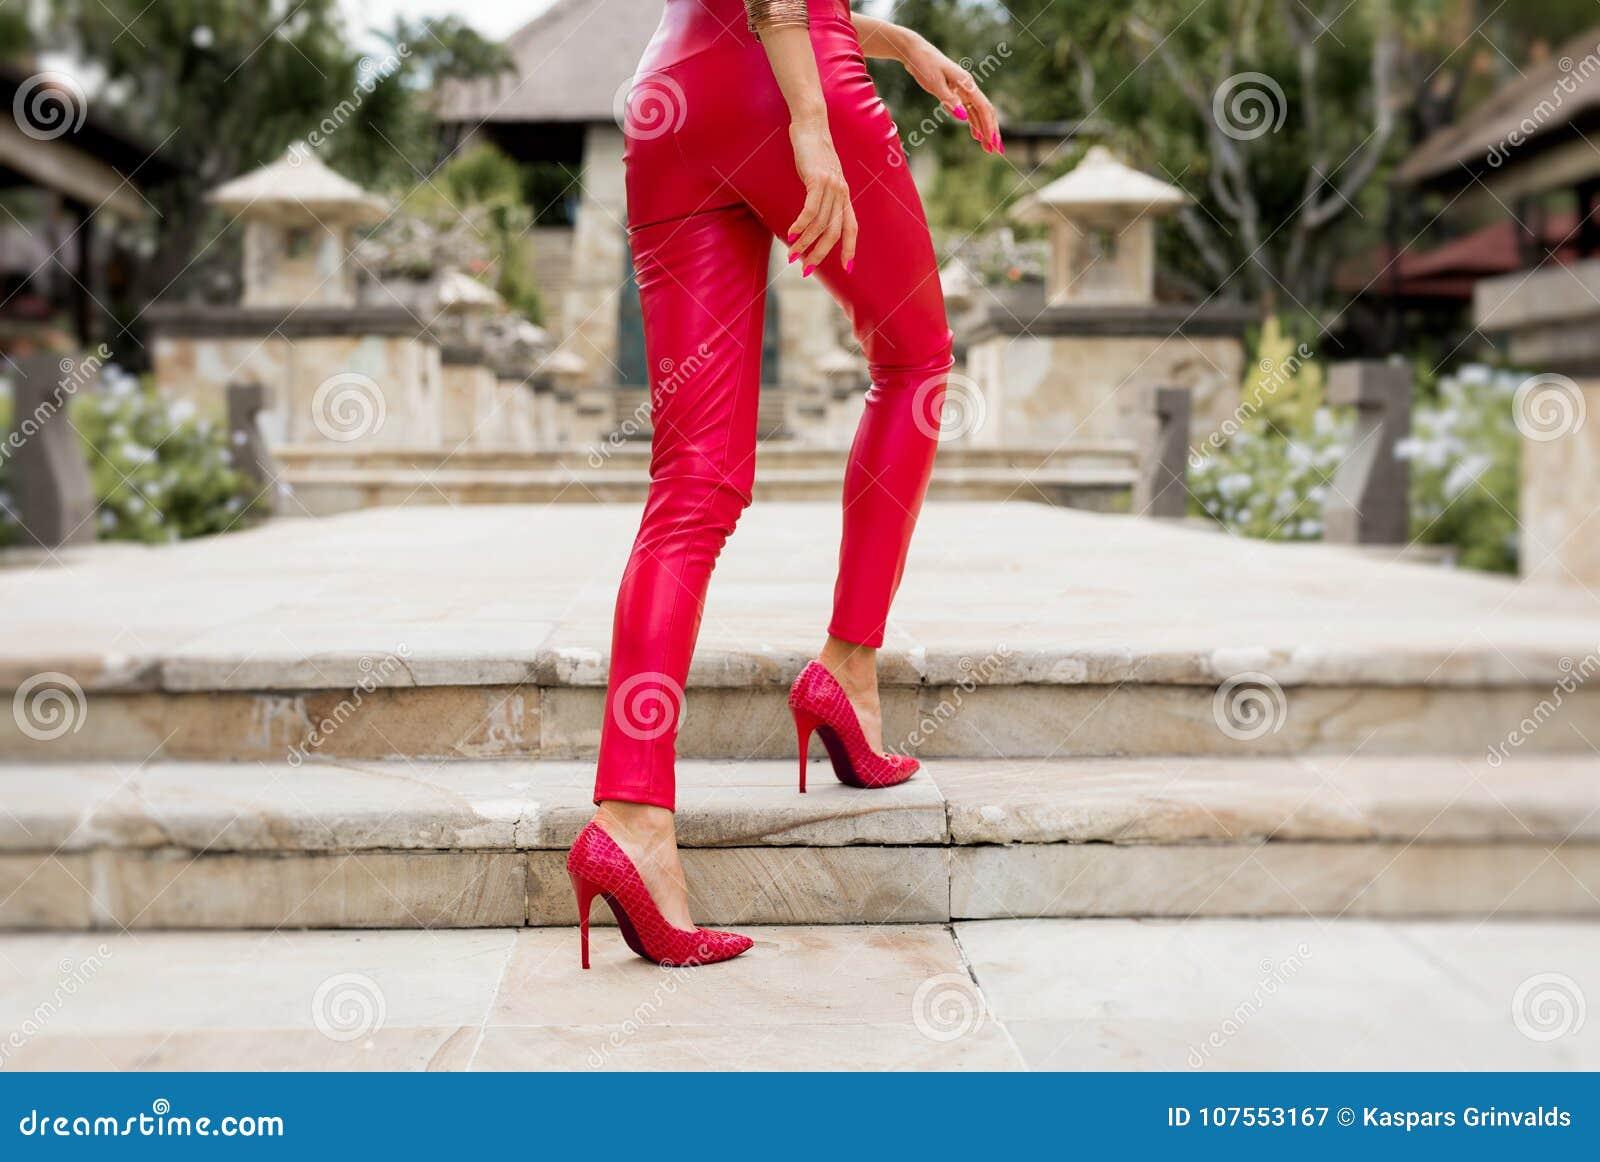 sale retailer 0a65a 23b06 Gambe Sexy Della Donna In Pantaloni E Tacchi Alti Rossi ...